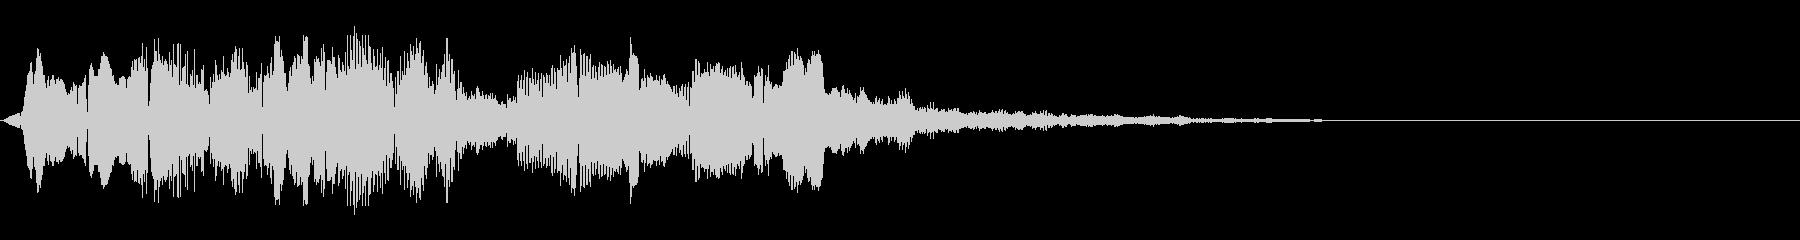 高音質シンセアクセント2の未再生の波形